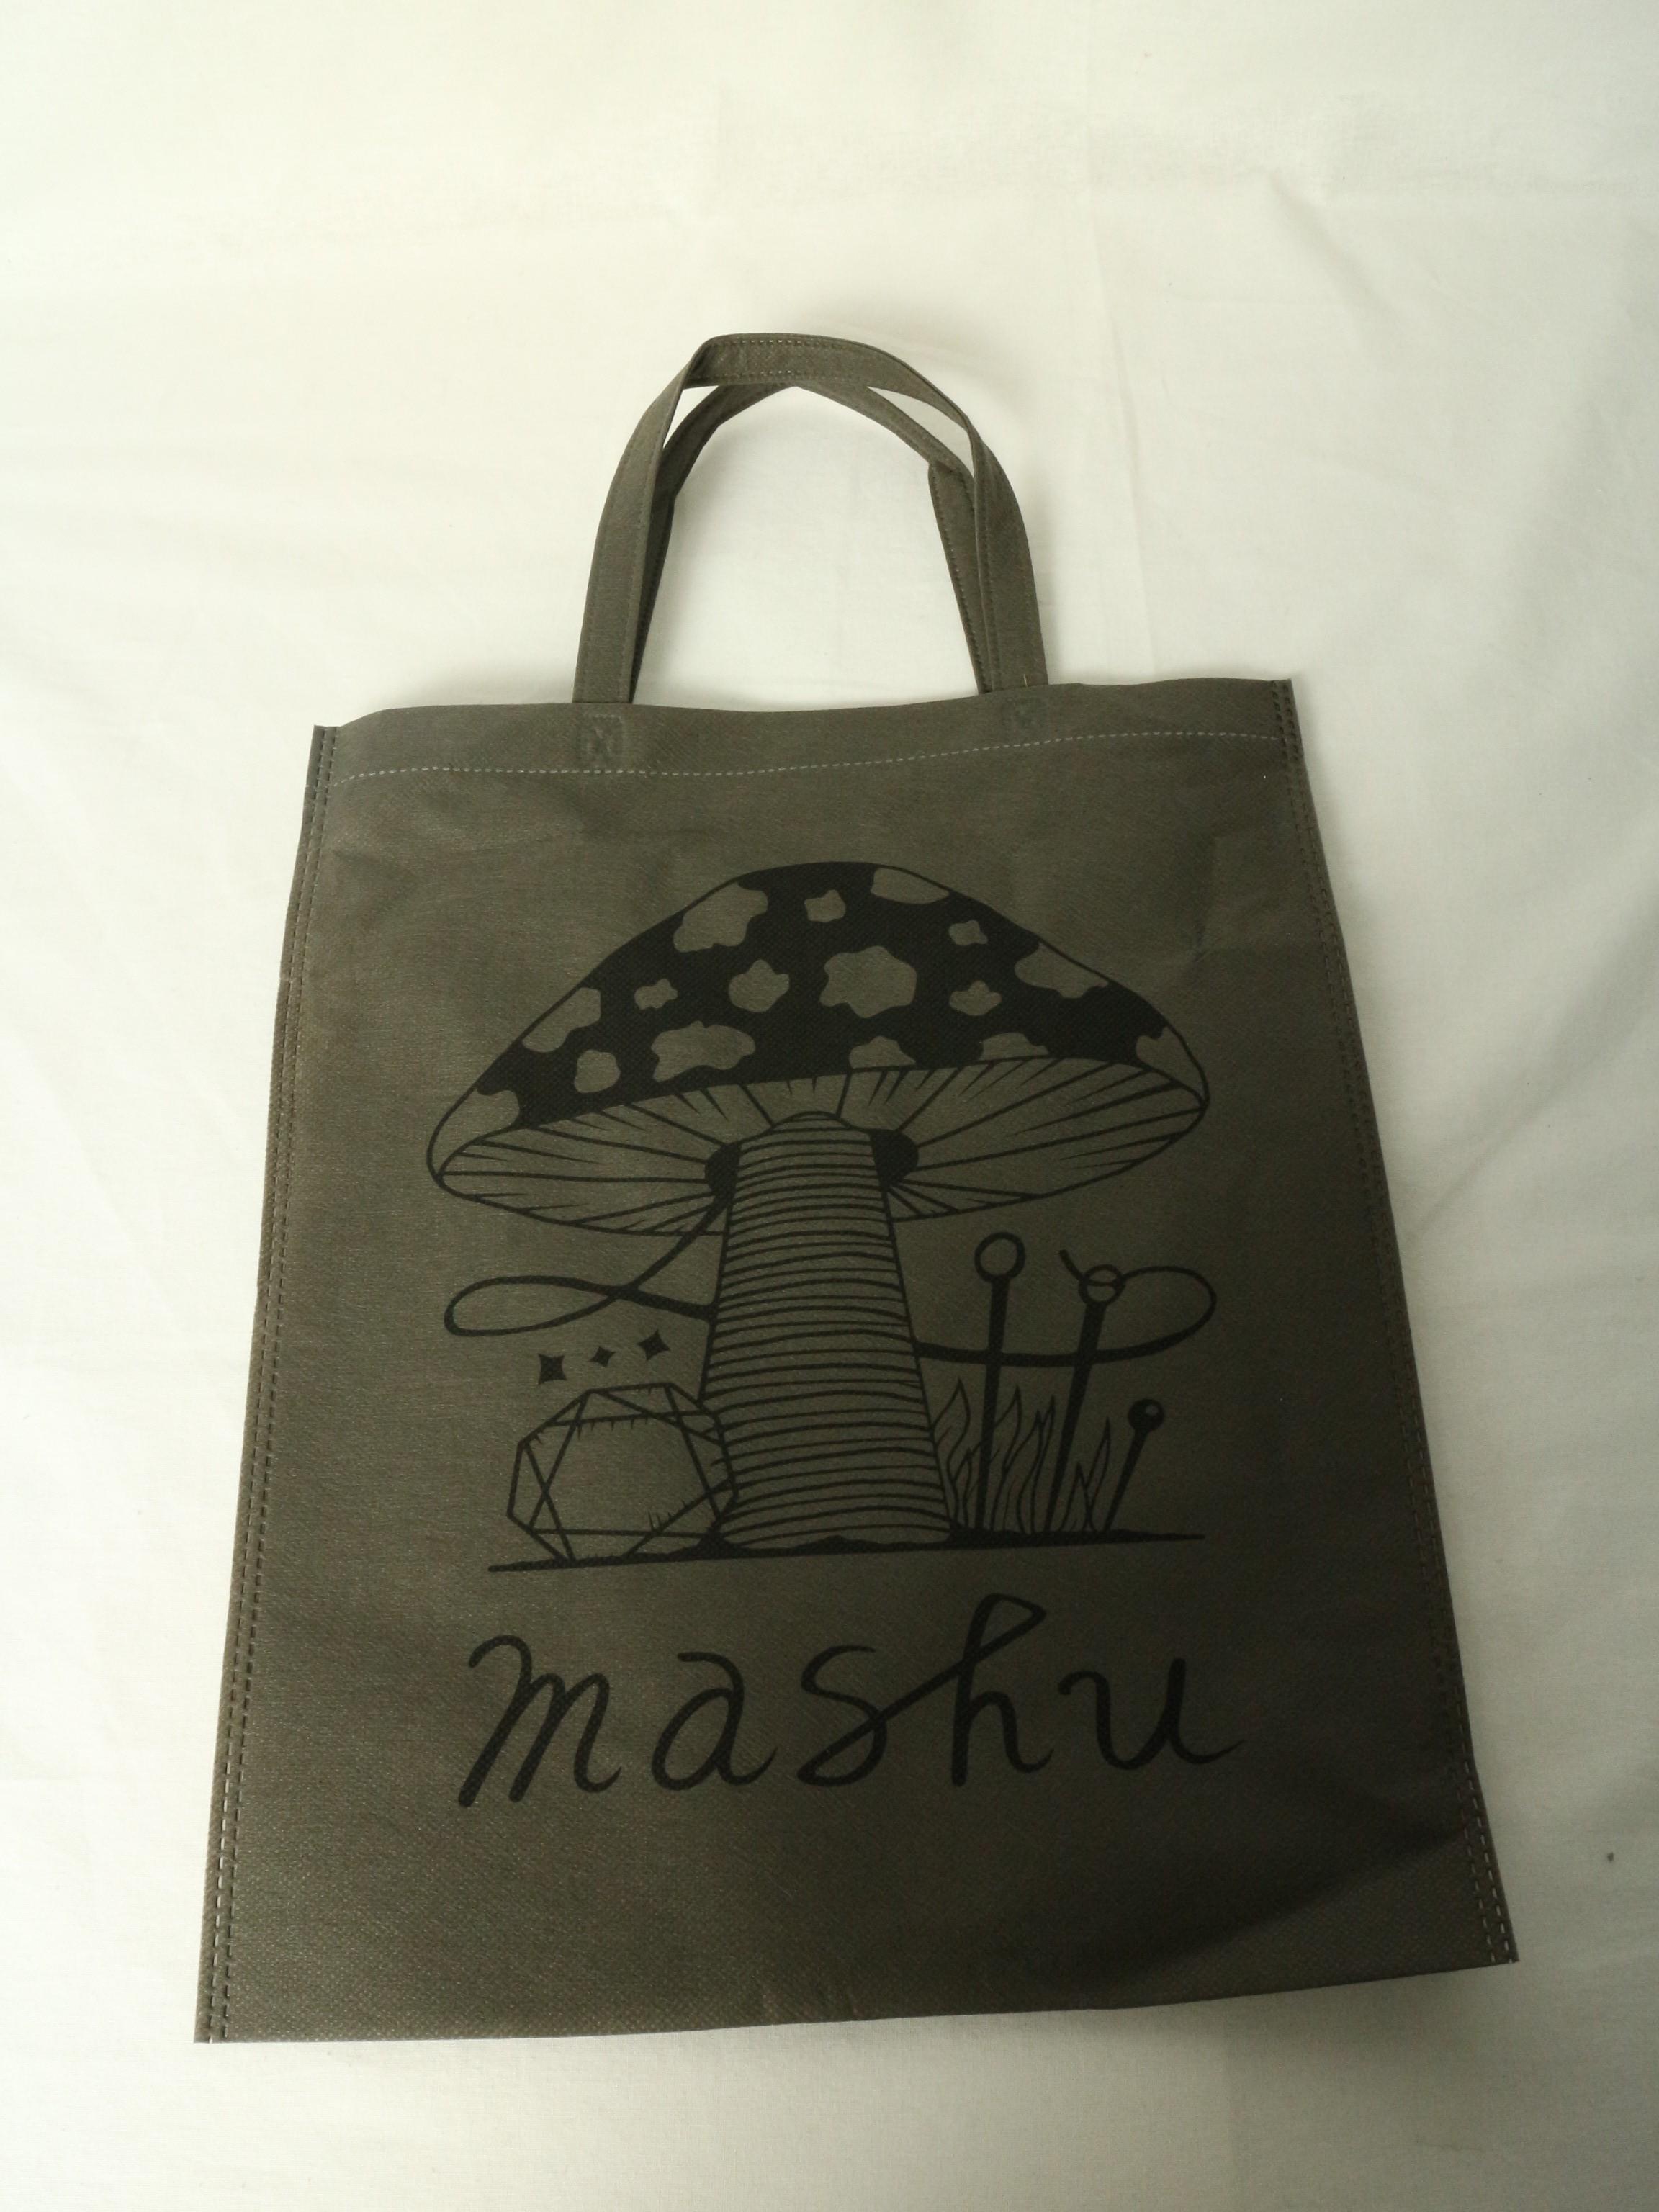 ファッション雑貨ブランド様のオリジナル不織布バッグ